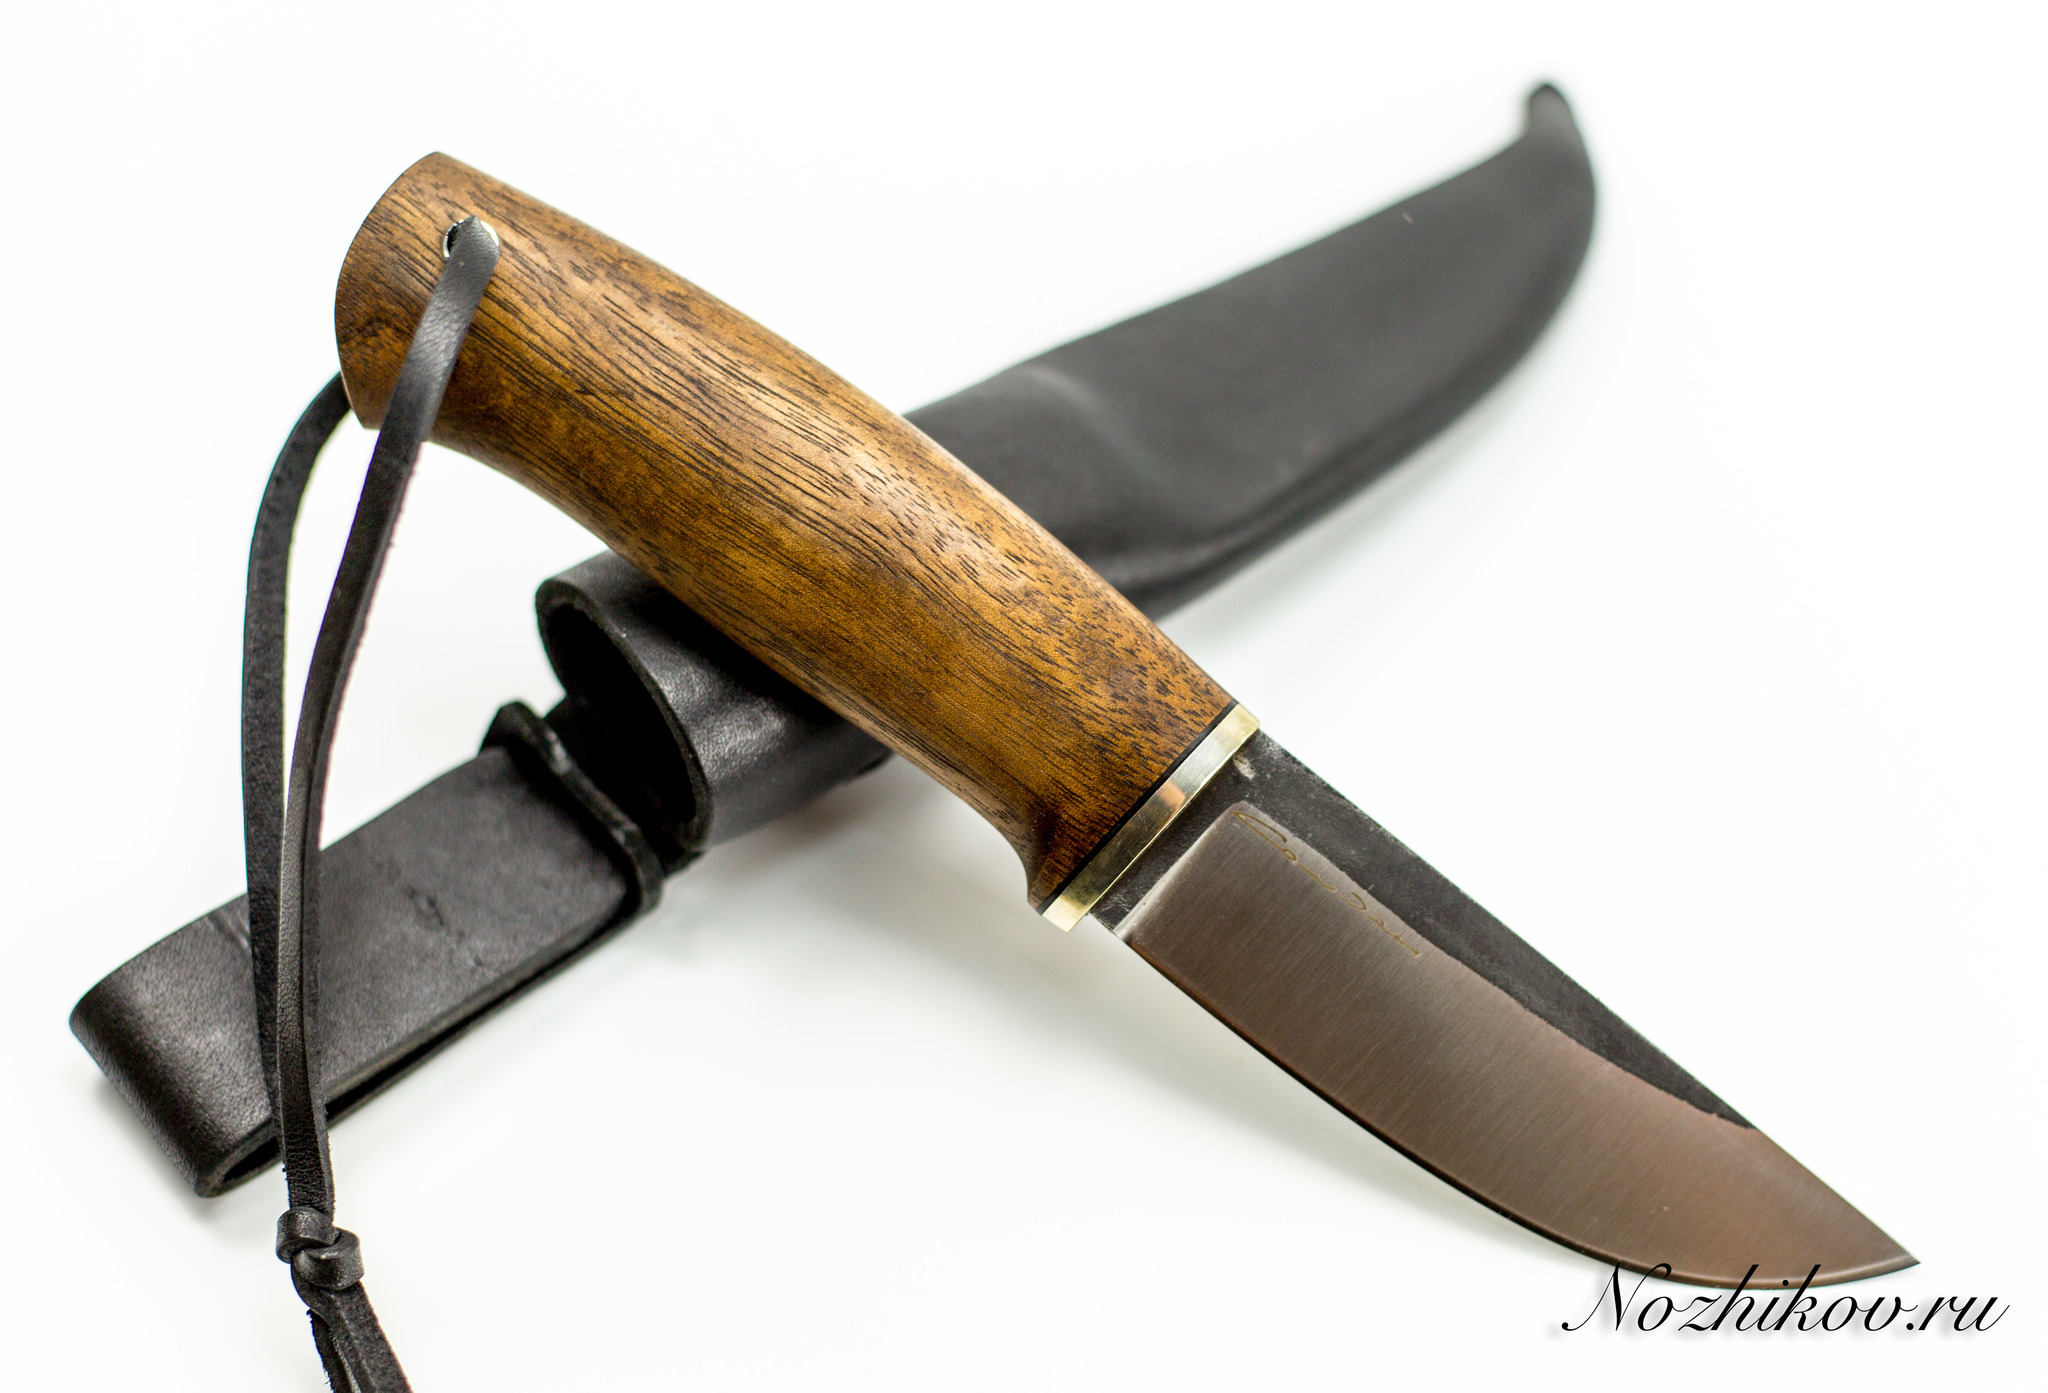 Нож Шмель, сталь N695, орехНожи Староминск<br>Нож Шмель, сталь N695, орех<br>